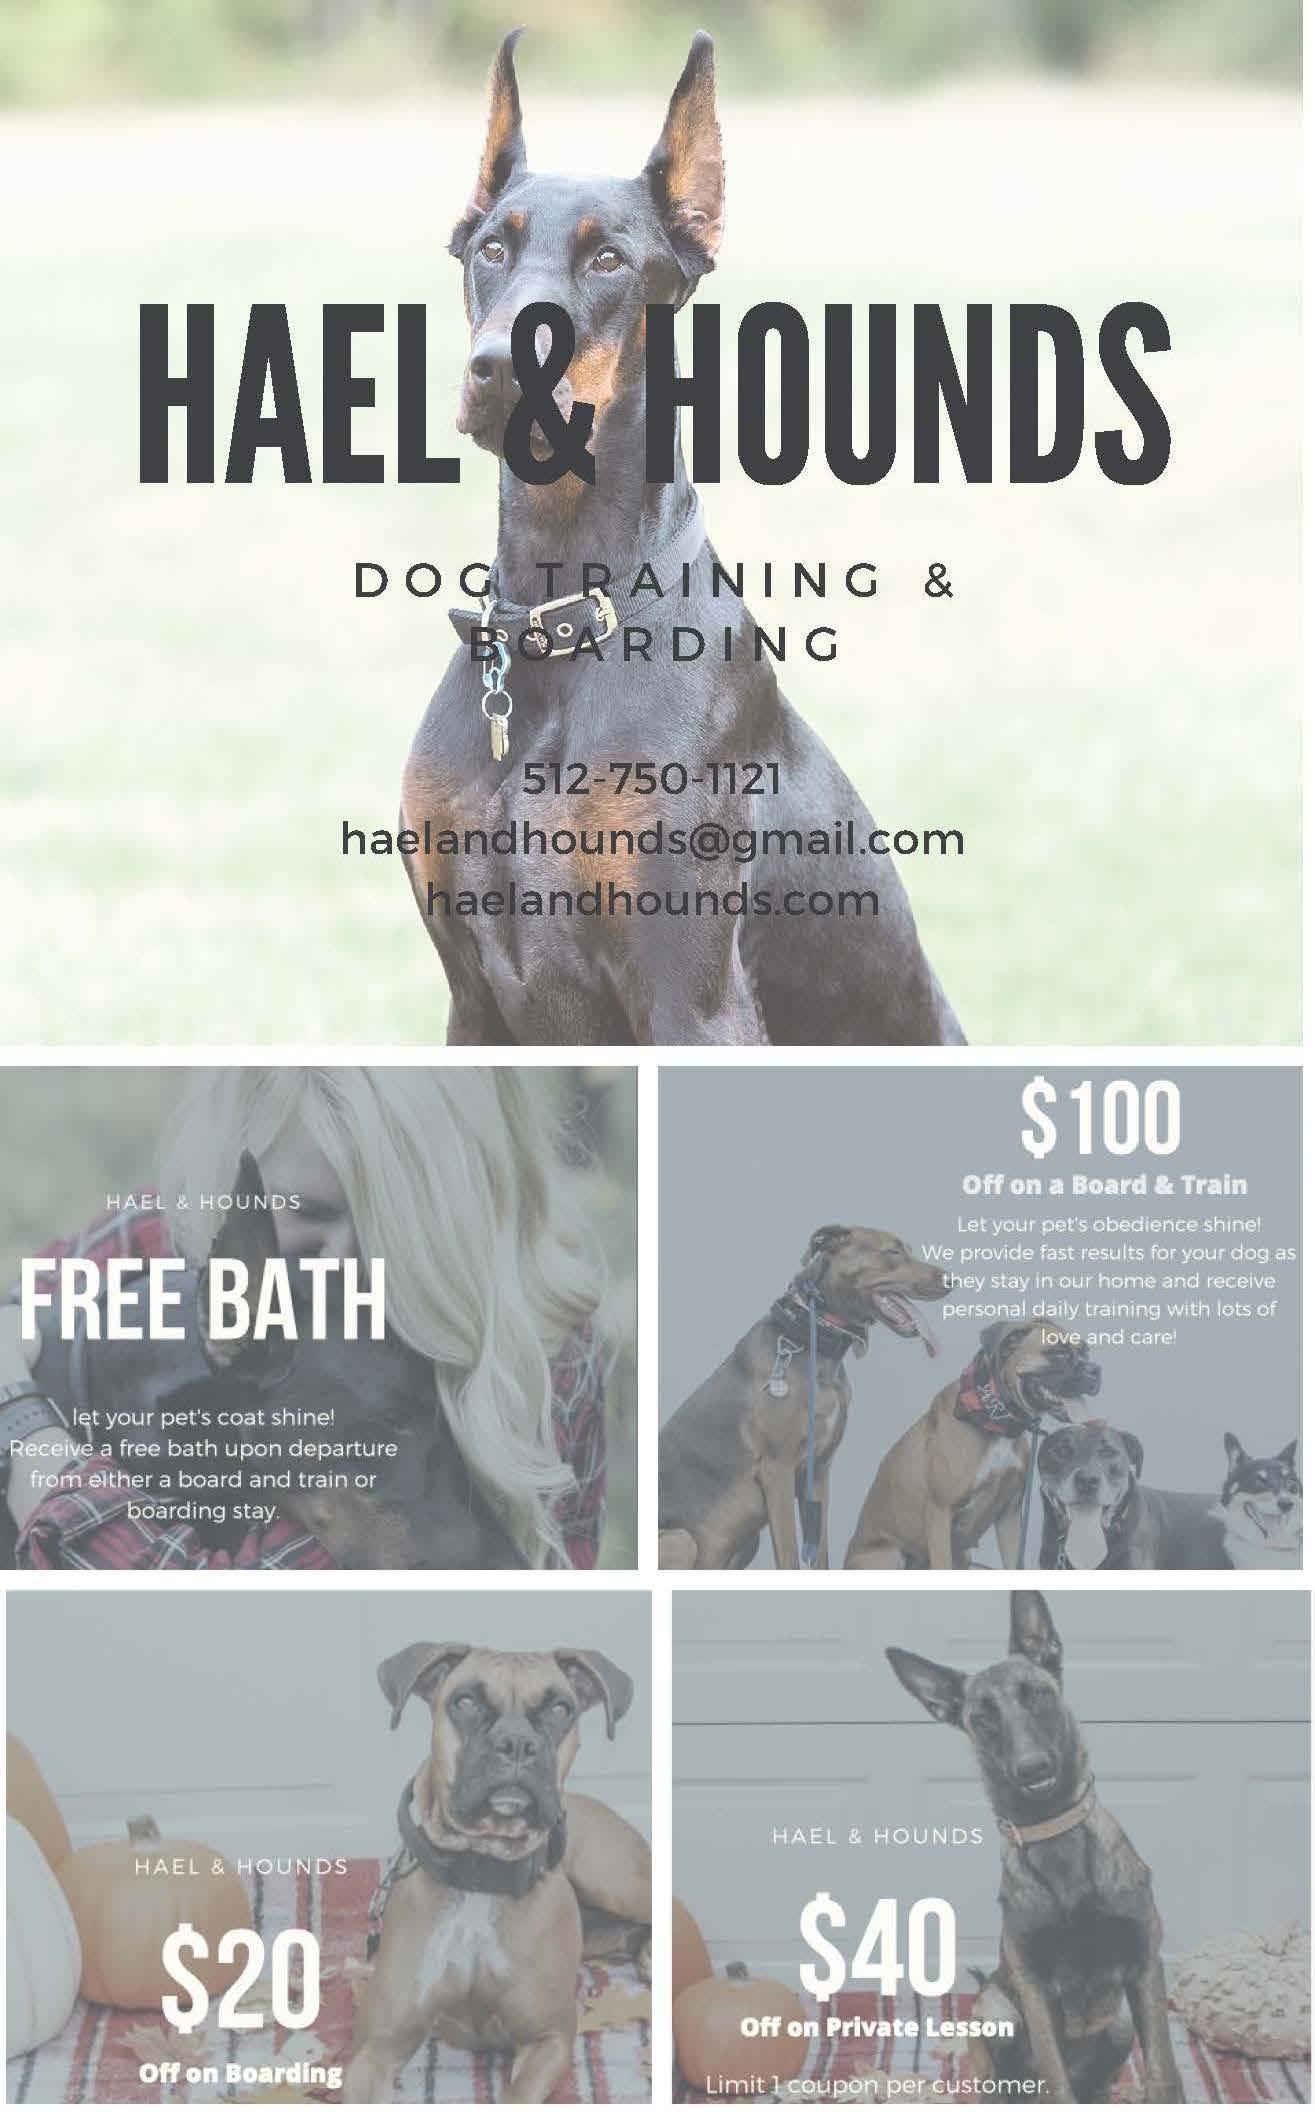 Hael & Hound Dog Training